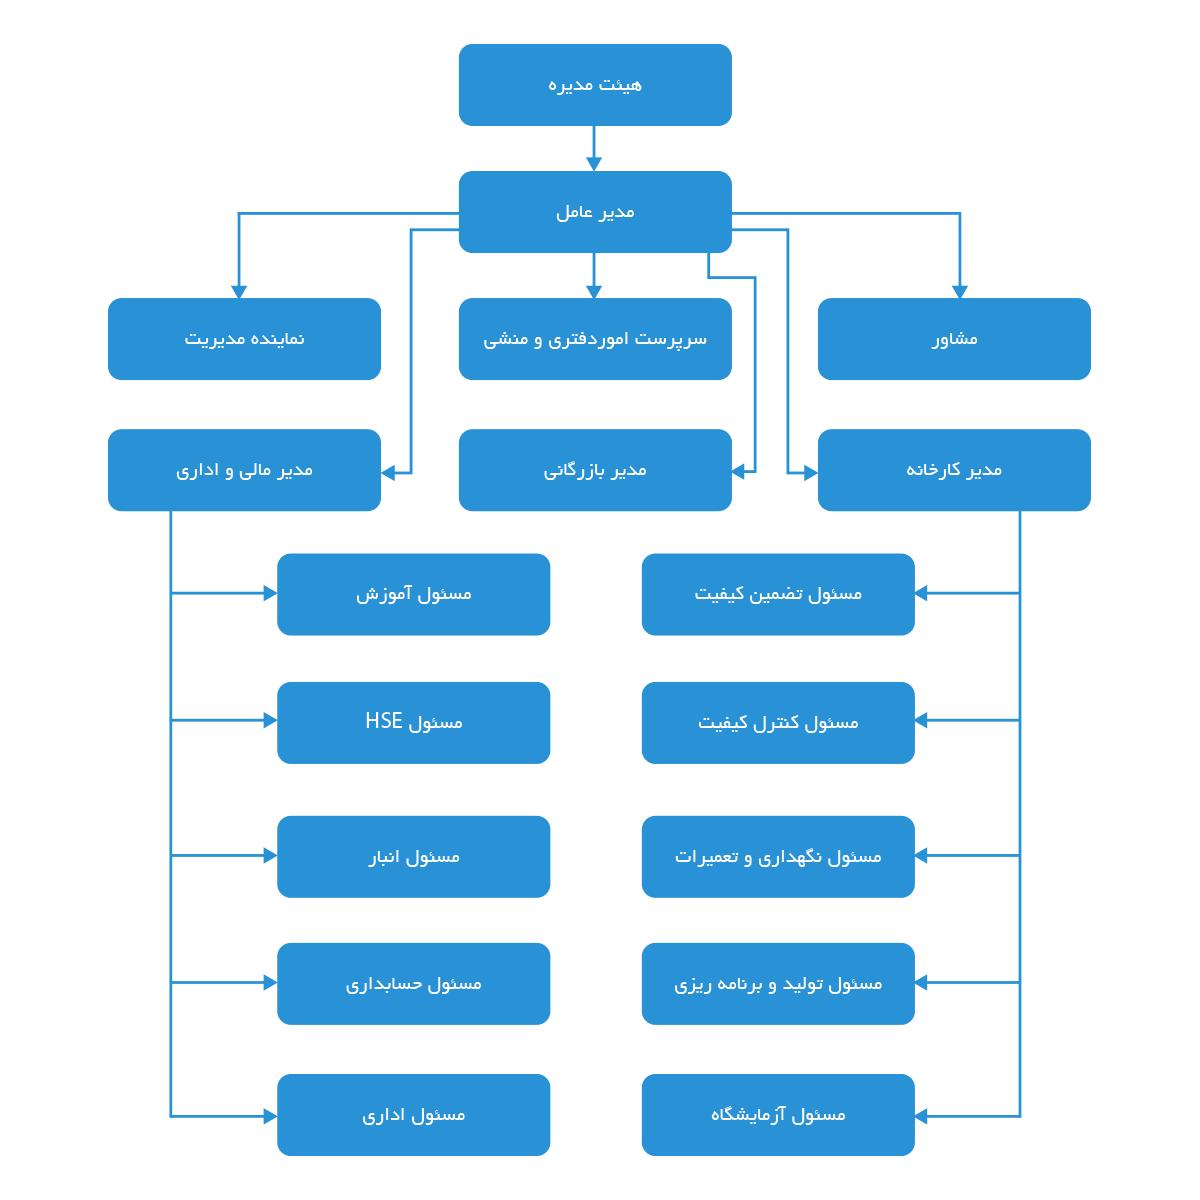 چارت سازمانی شرکت سازه ترمز